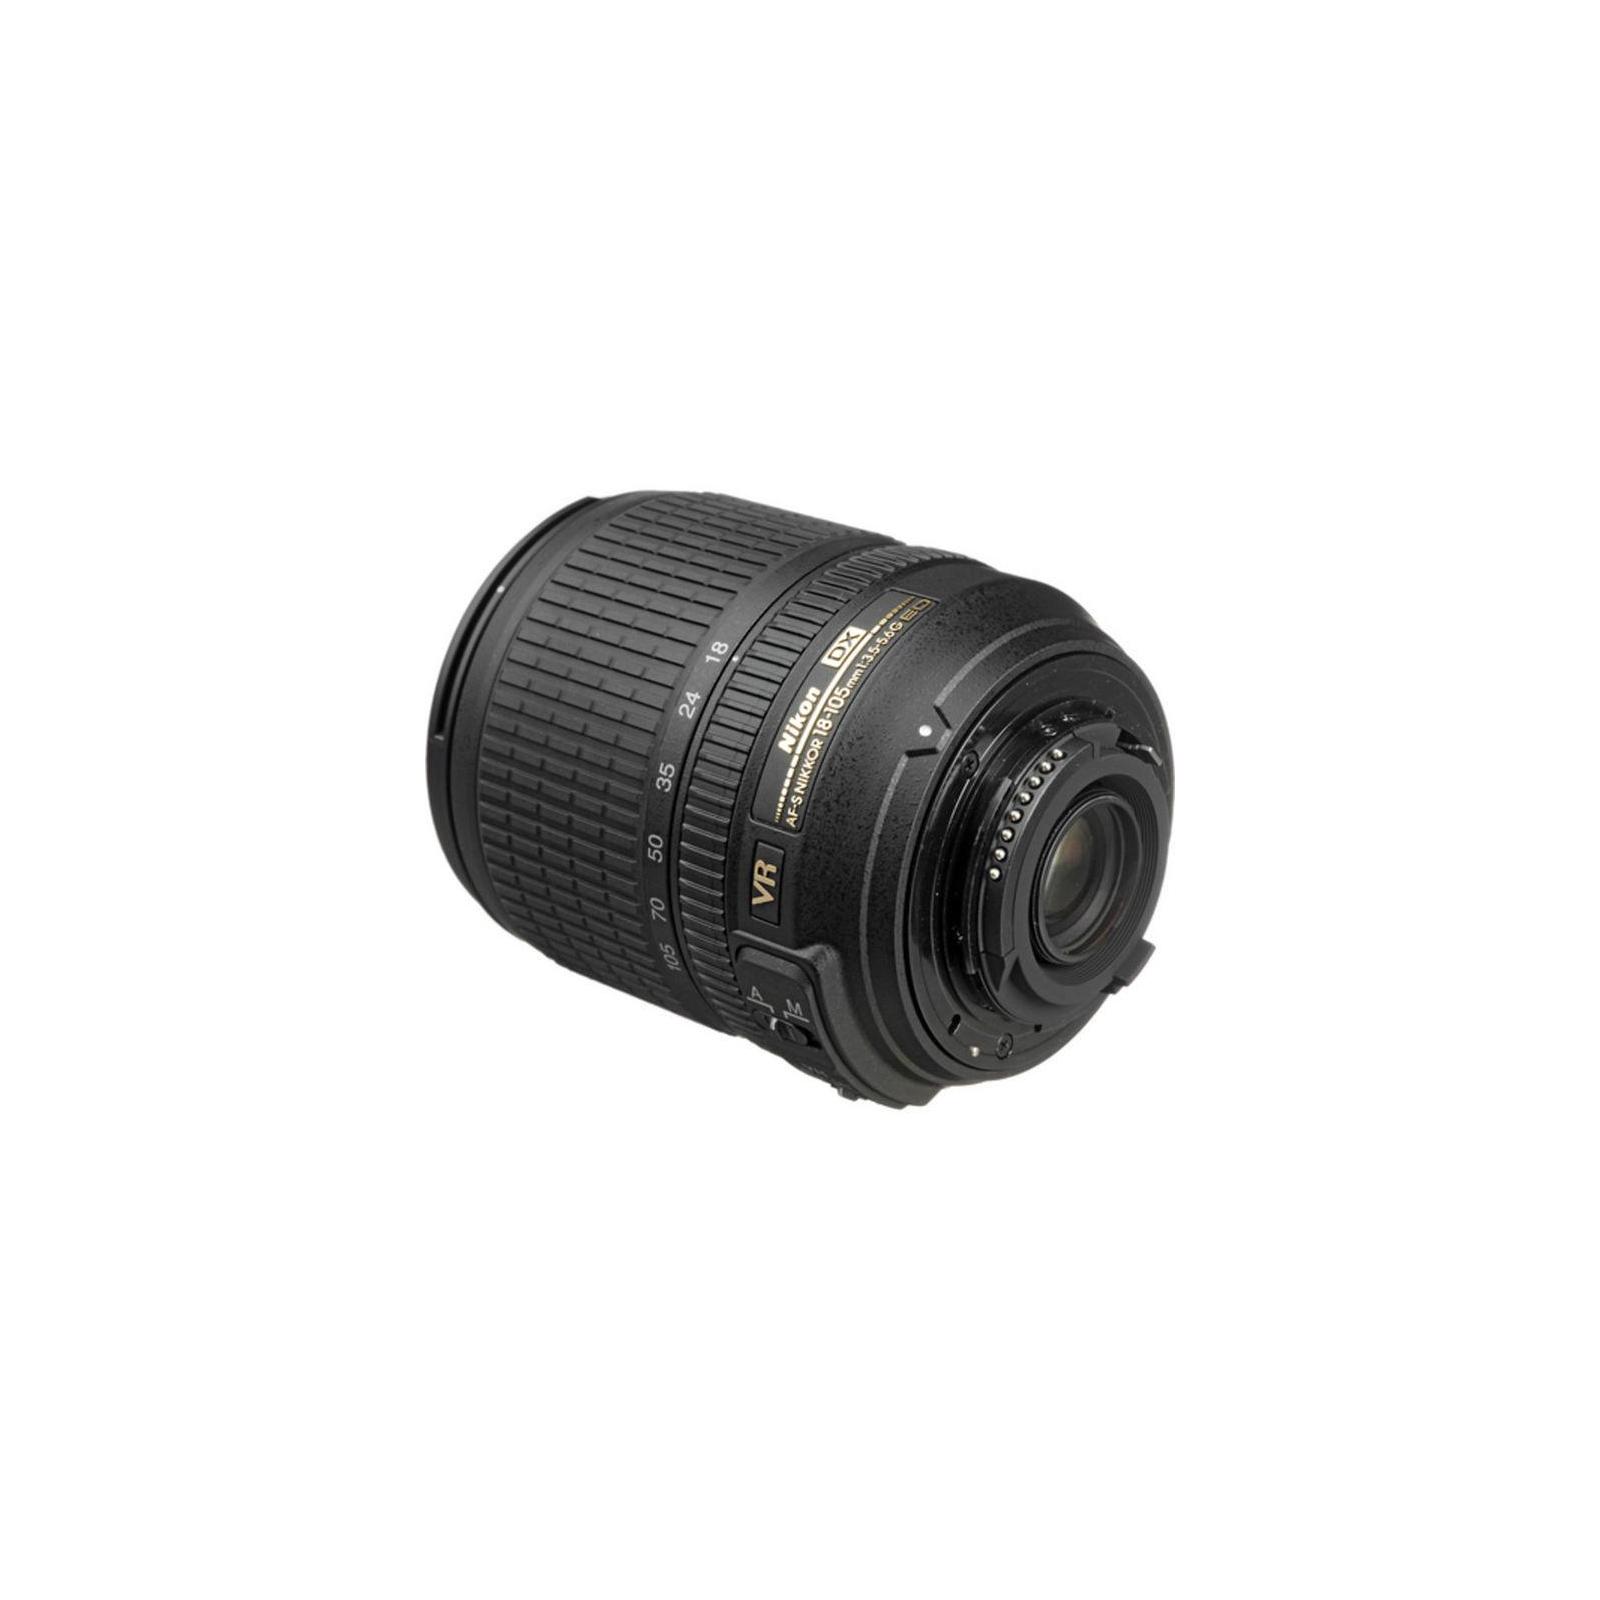 Объектив Nikon 18-105mm f/3.5-5.6G AF-S DX ED VR (JAA805DD) изображение 3